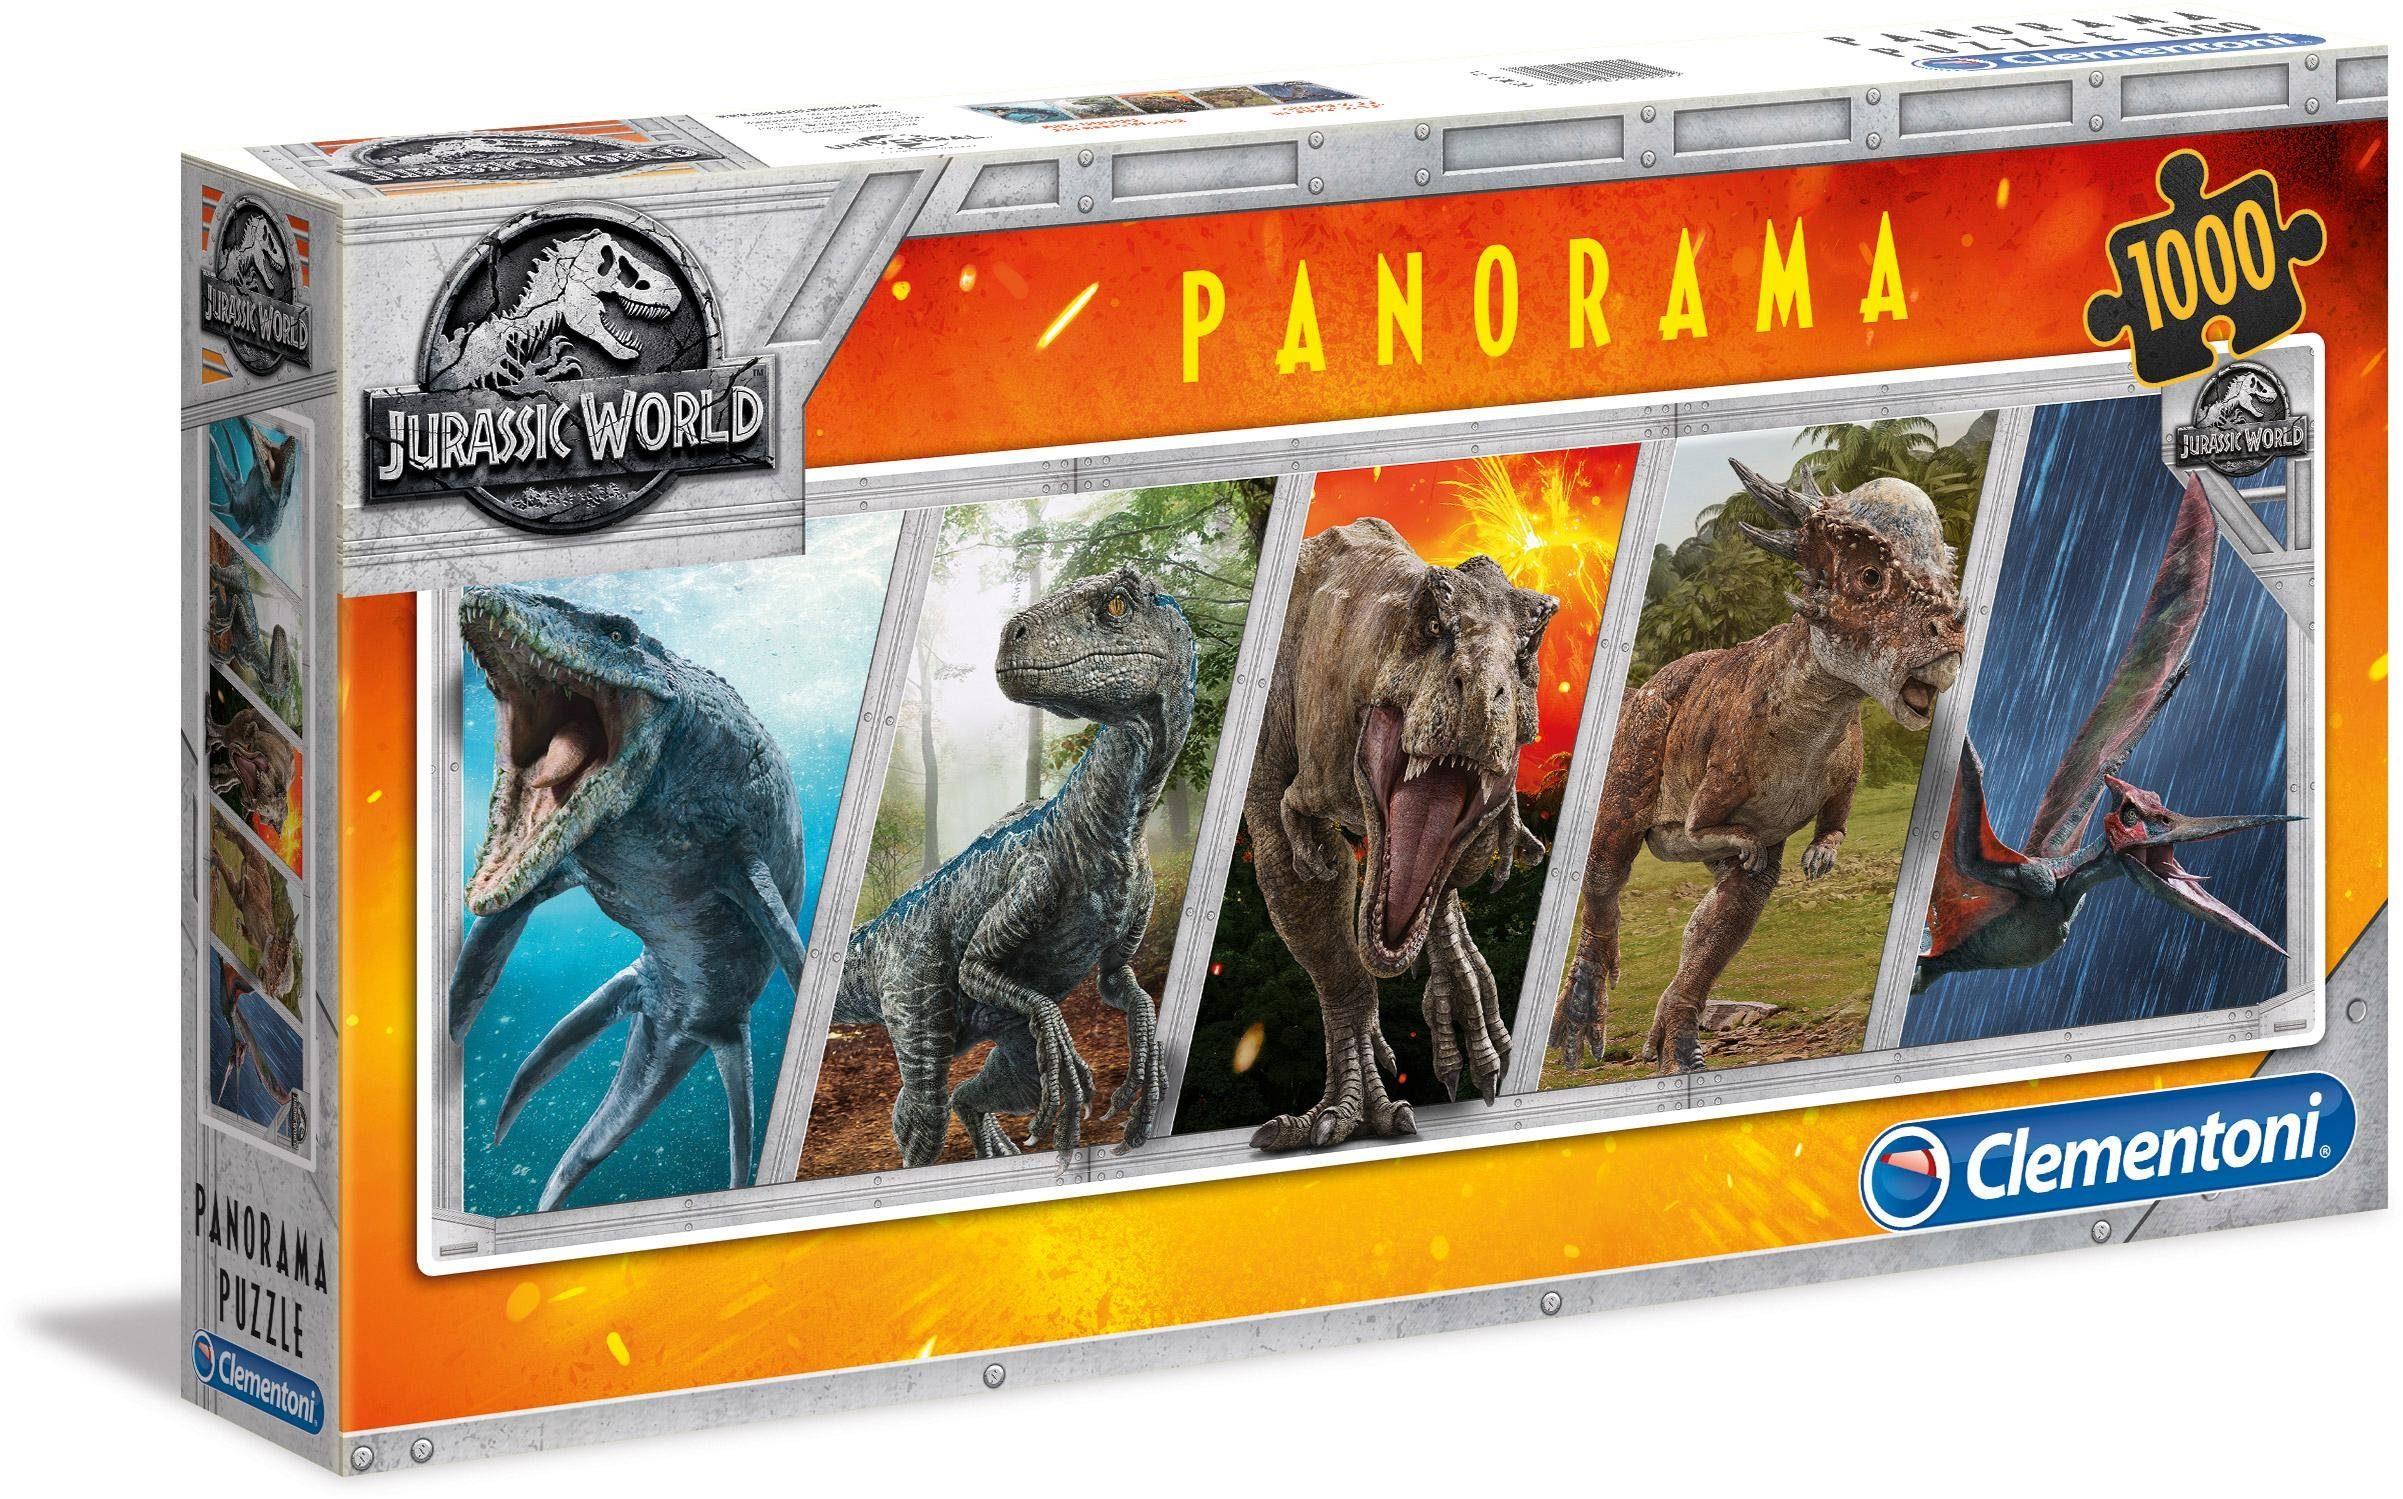 Clementoni® Puzzle »Jurassic World«, 1000 Teilig